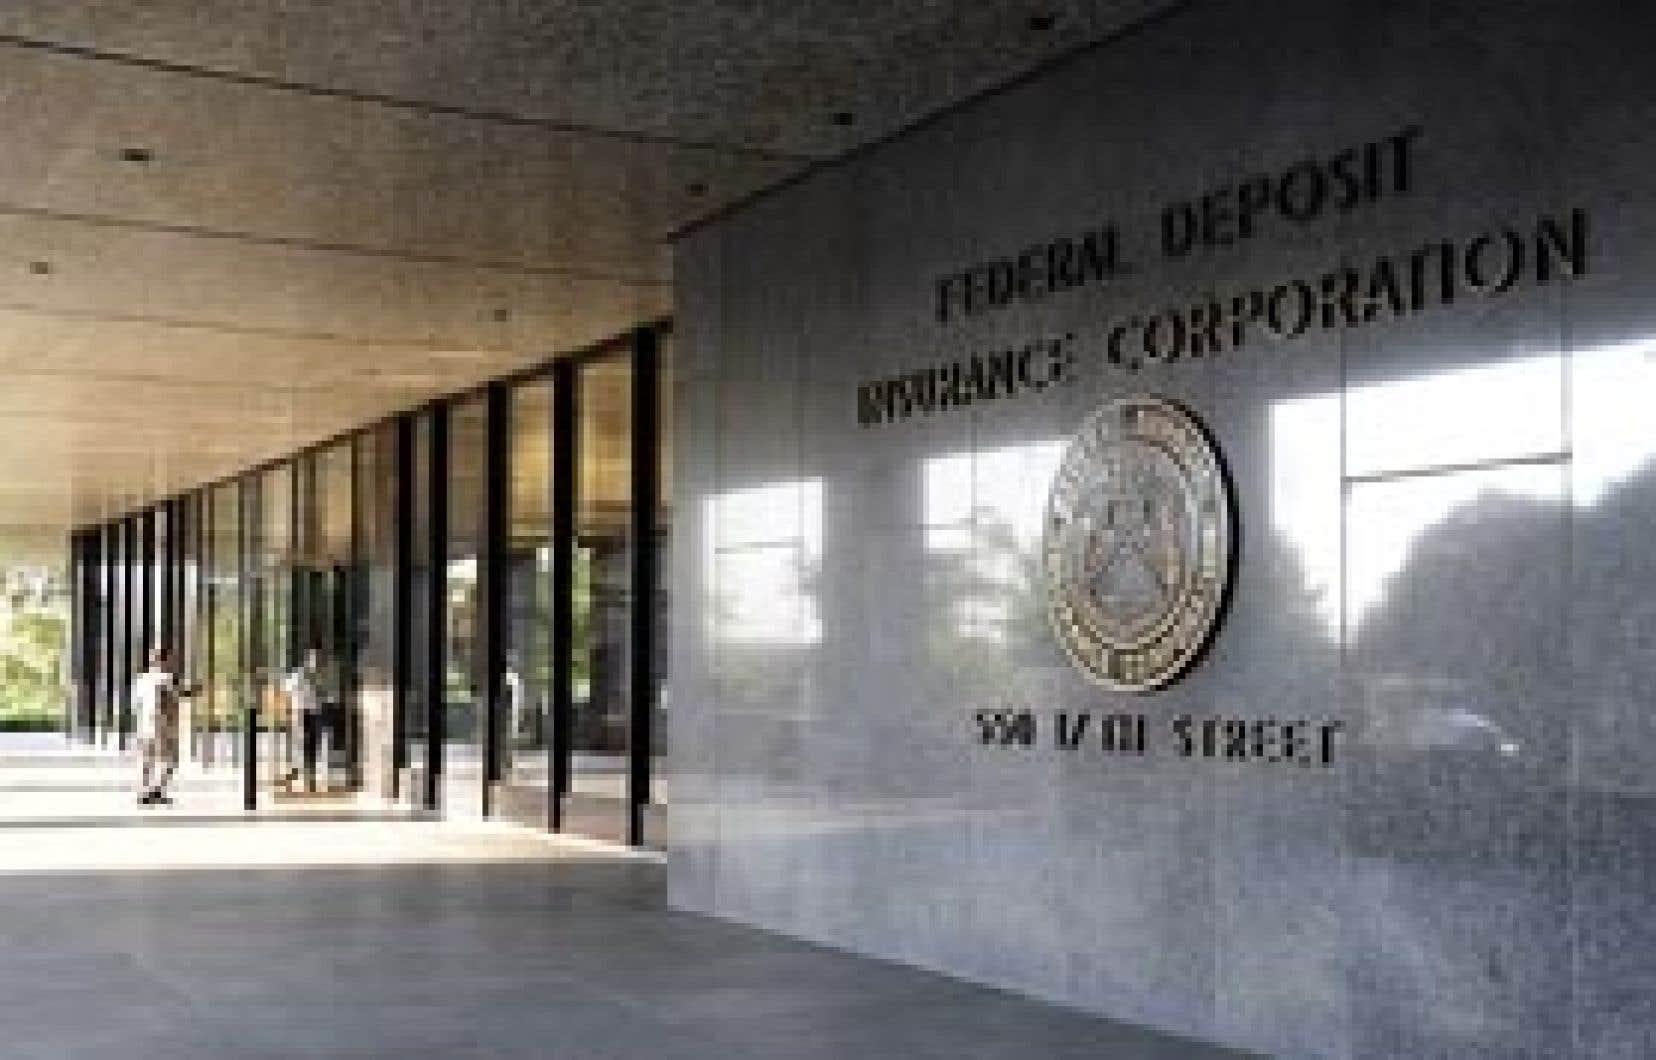 La facture s'annonce salée pour la Federal Deposit Insurance Corp., le fonds fédéral qui garantit les dépôts dans les banques et caisses d'épargne à hauteur de 250 000 $US par compte.